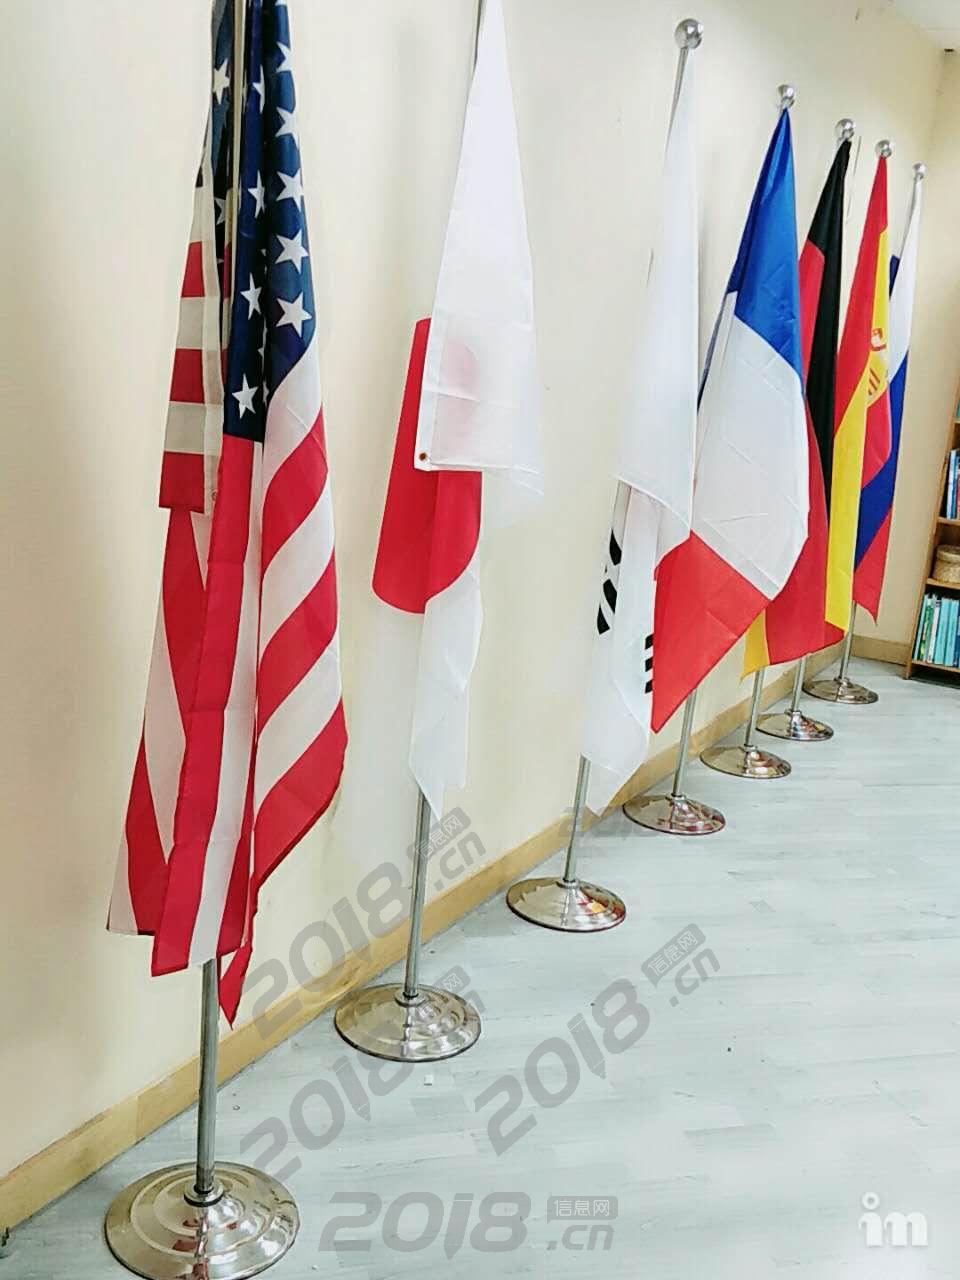 无锡朗学教育俄语培训中俄文化交流学习班